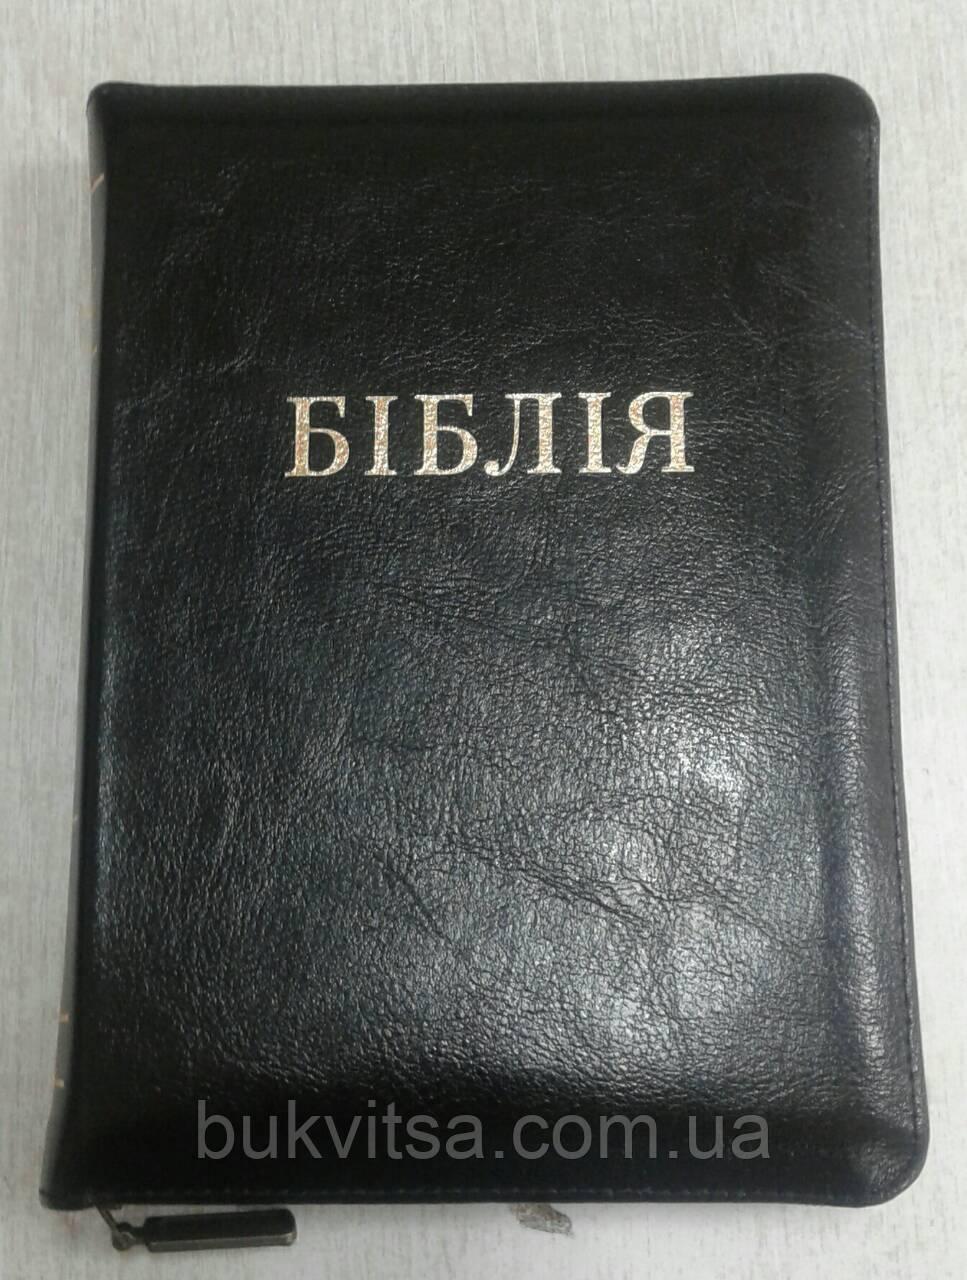 Біблія, 15х20,5 см, чорна, шкіра, з замком, з індексами, позолота